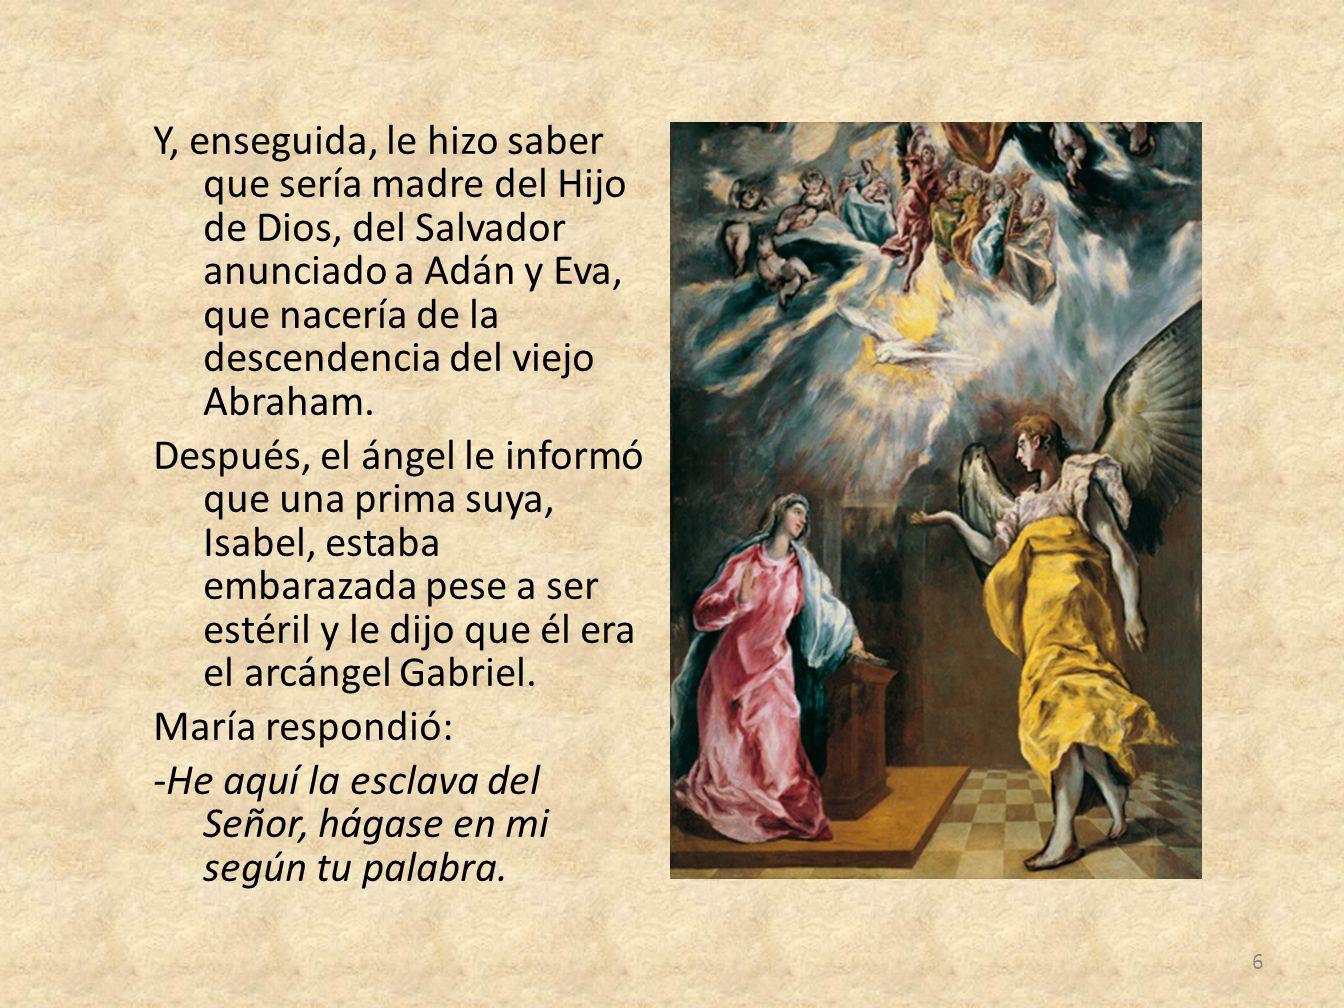 Y, enseguida, le hizo saber que sería madre del Hijo de Dios, del Salvador anunciado a Adán y Eva, que nacería de la descendencia del viejo Abraham.